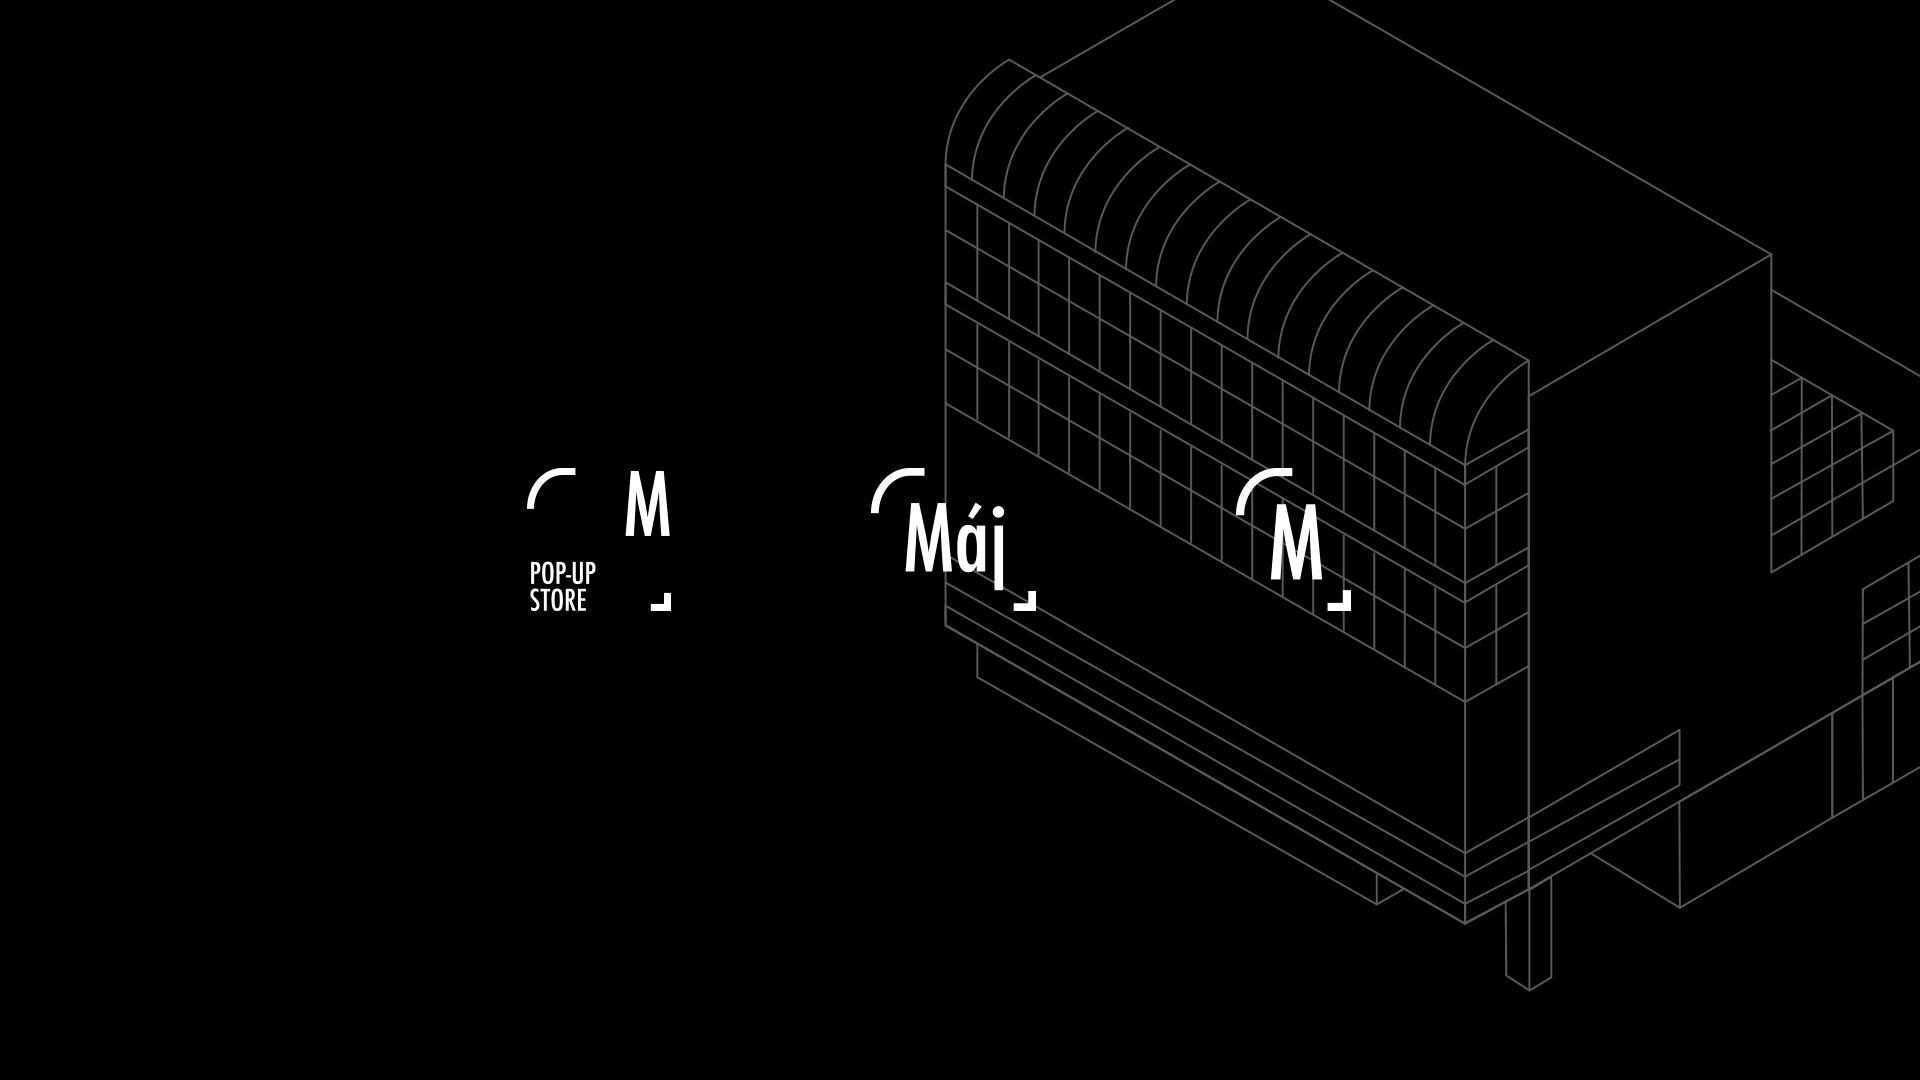 Ukázka variant loga a lineární ilustrace obchodního domu Máj